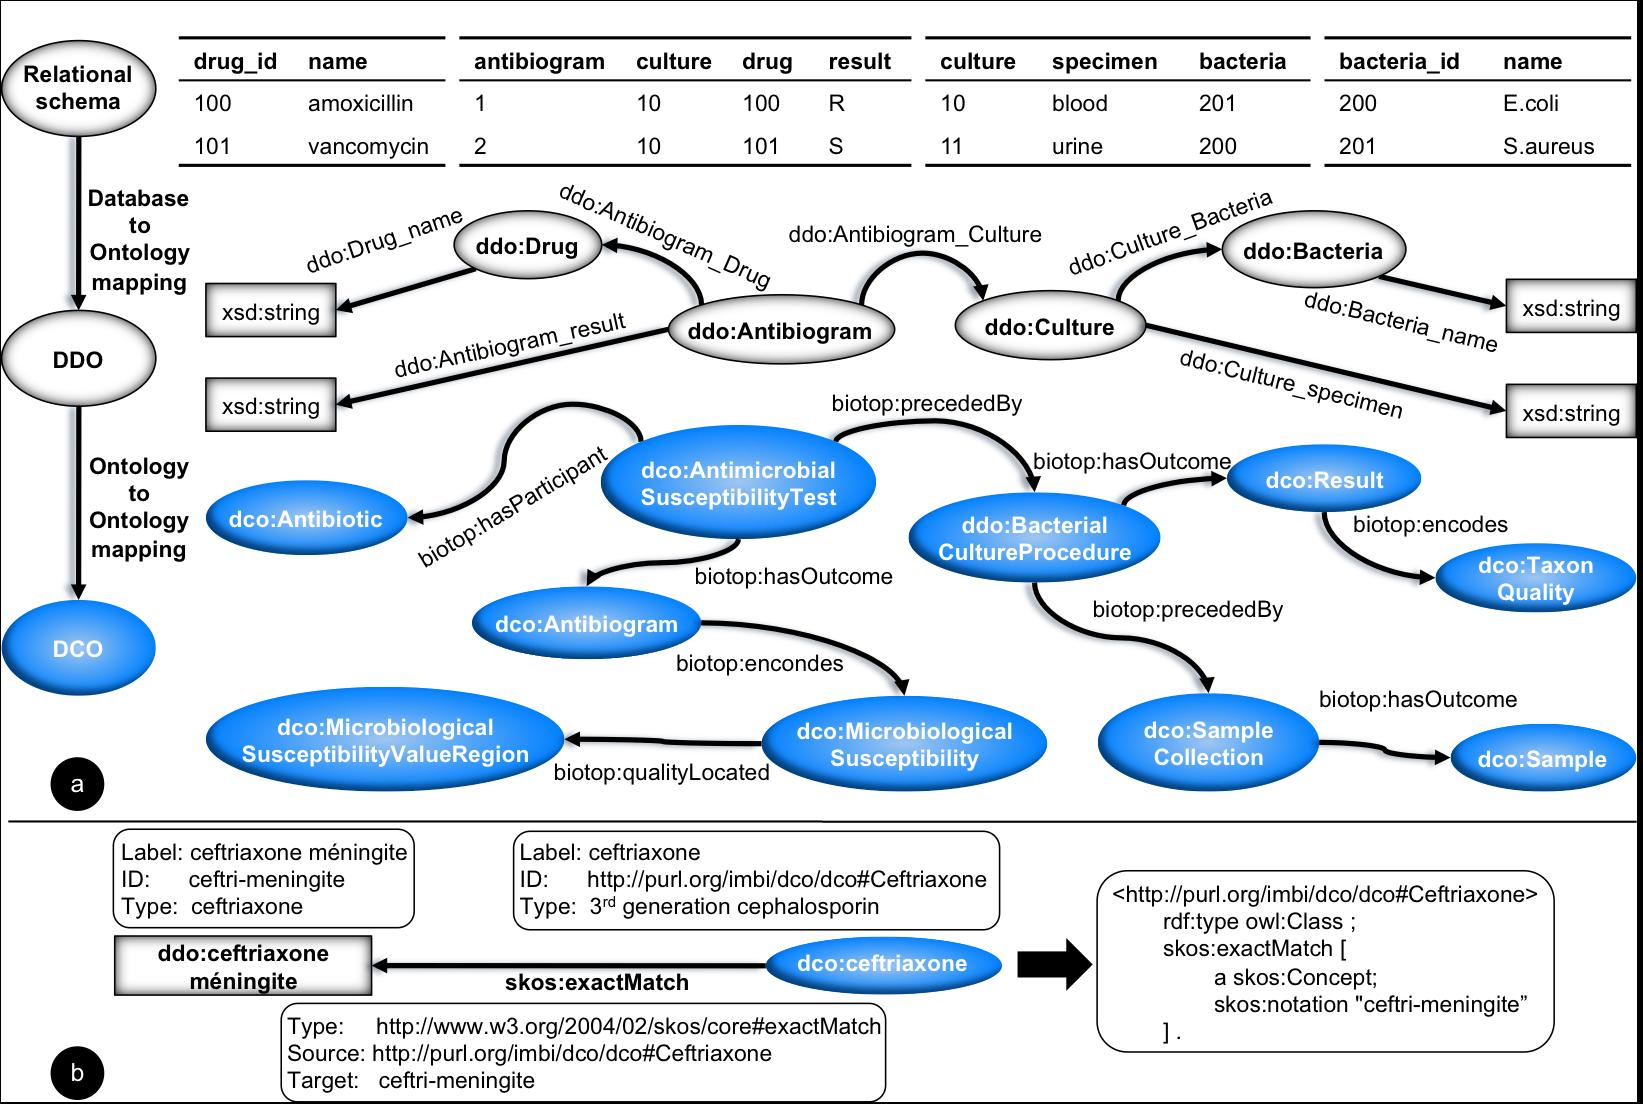 Jmir building a transnational biosurveillance network using figure 5 pronofoot35fo Gallery